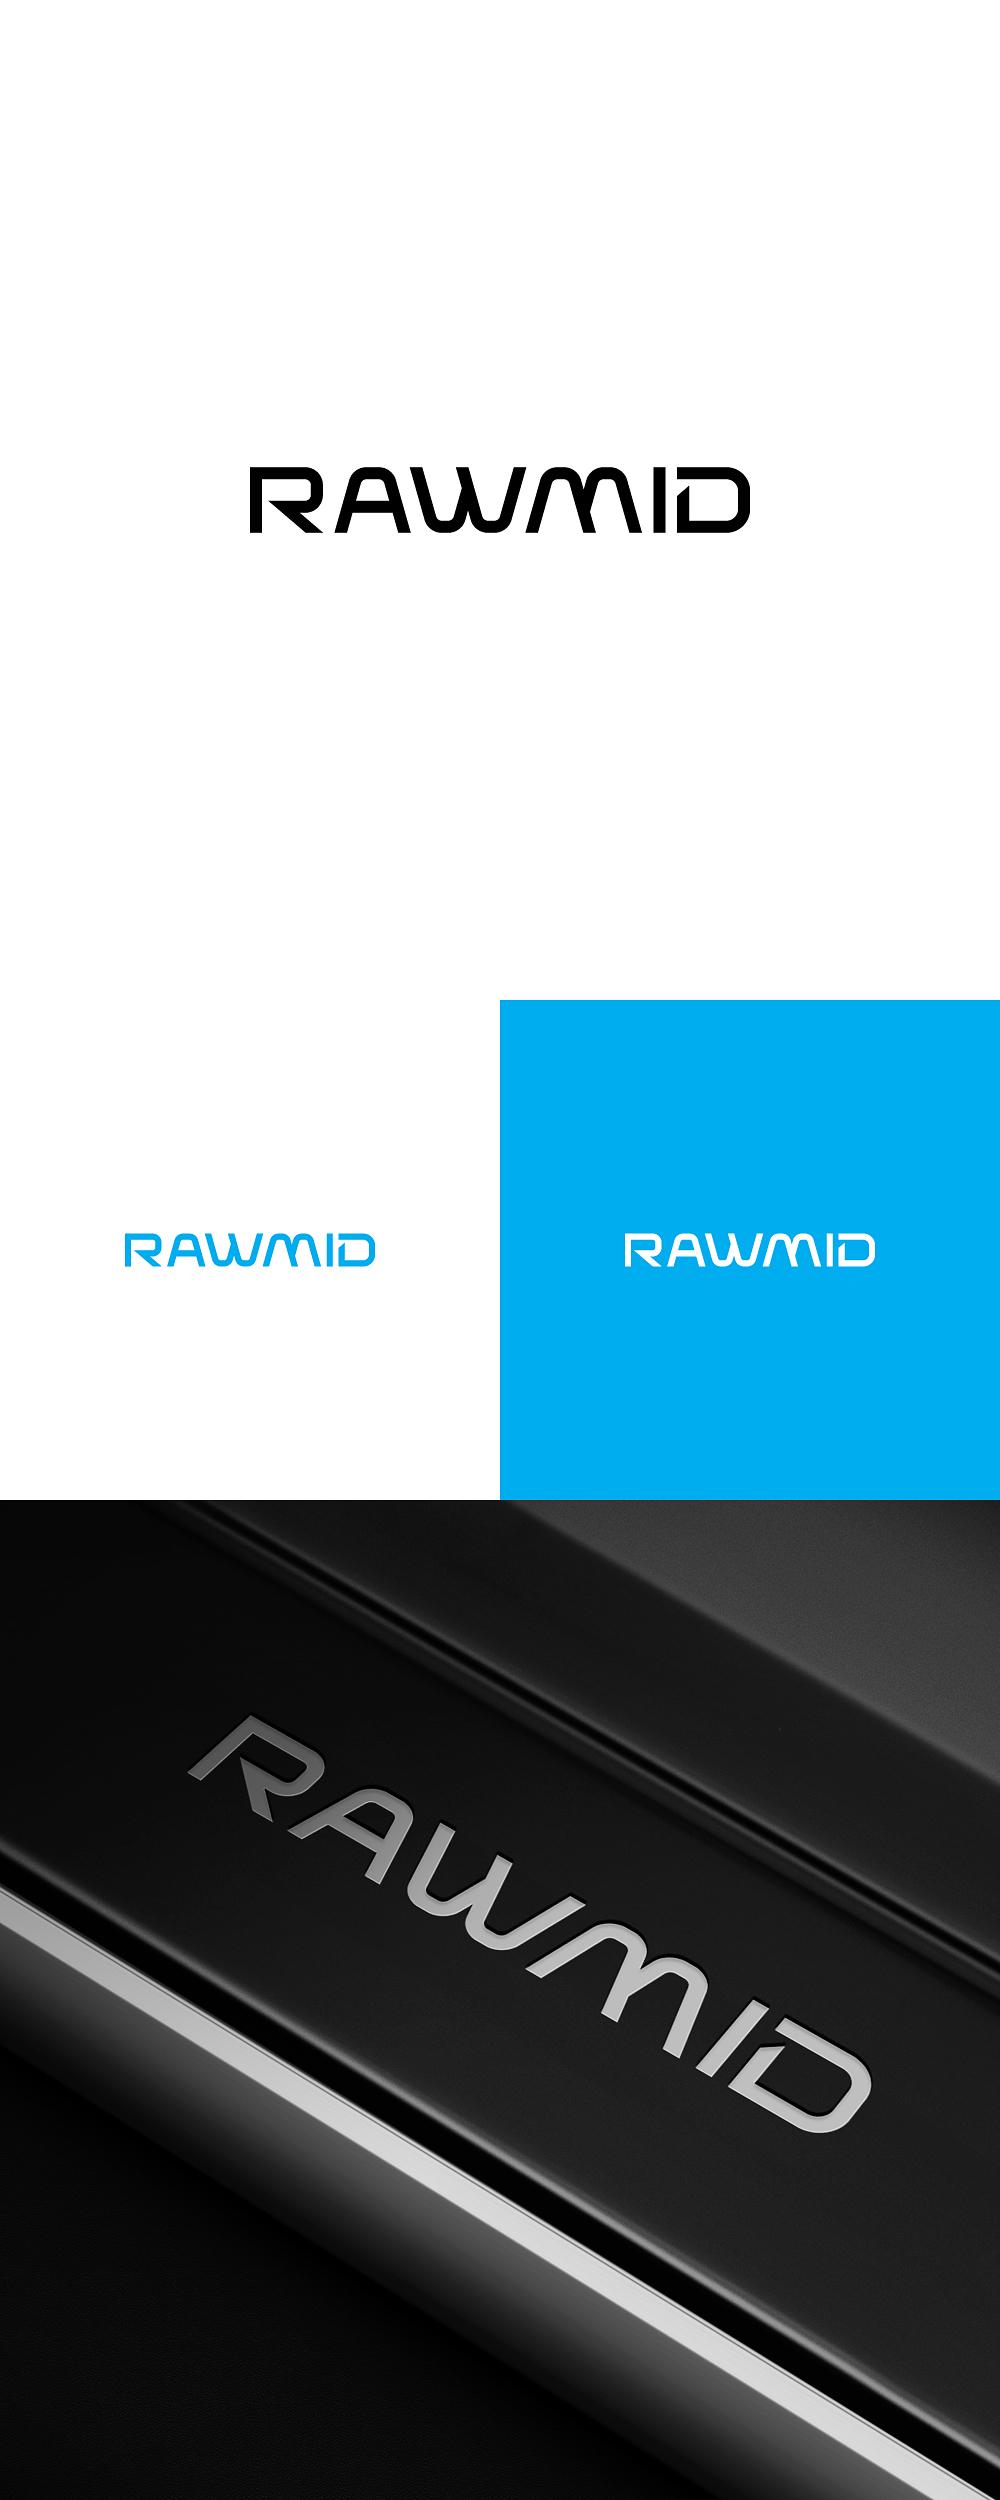 Создать логотип (буквенная часть) для бренда бытовой техники фото f_2065b34690c180cd.jpg